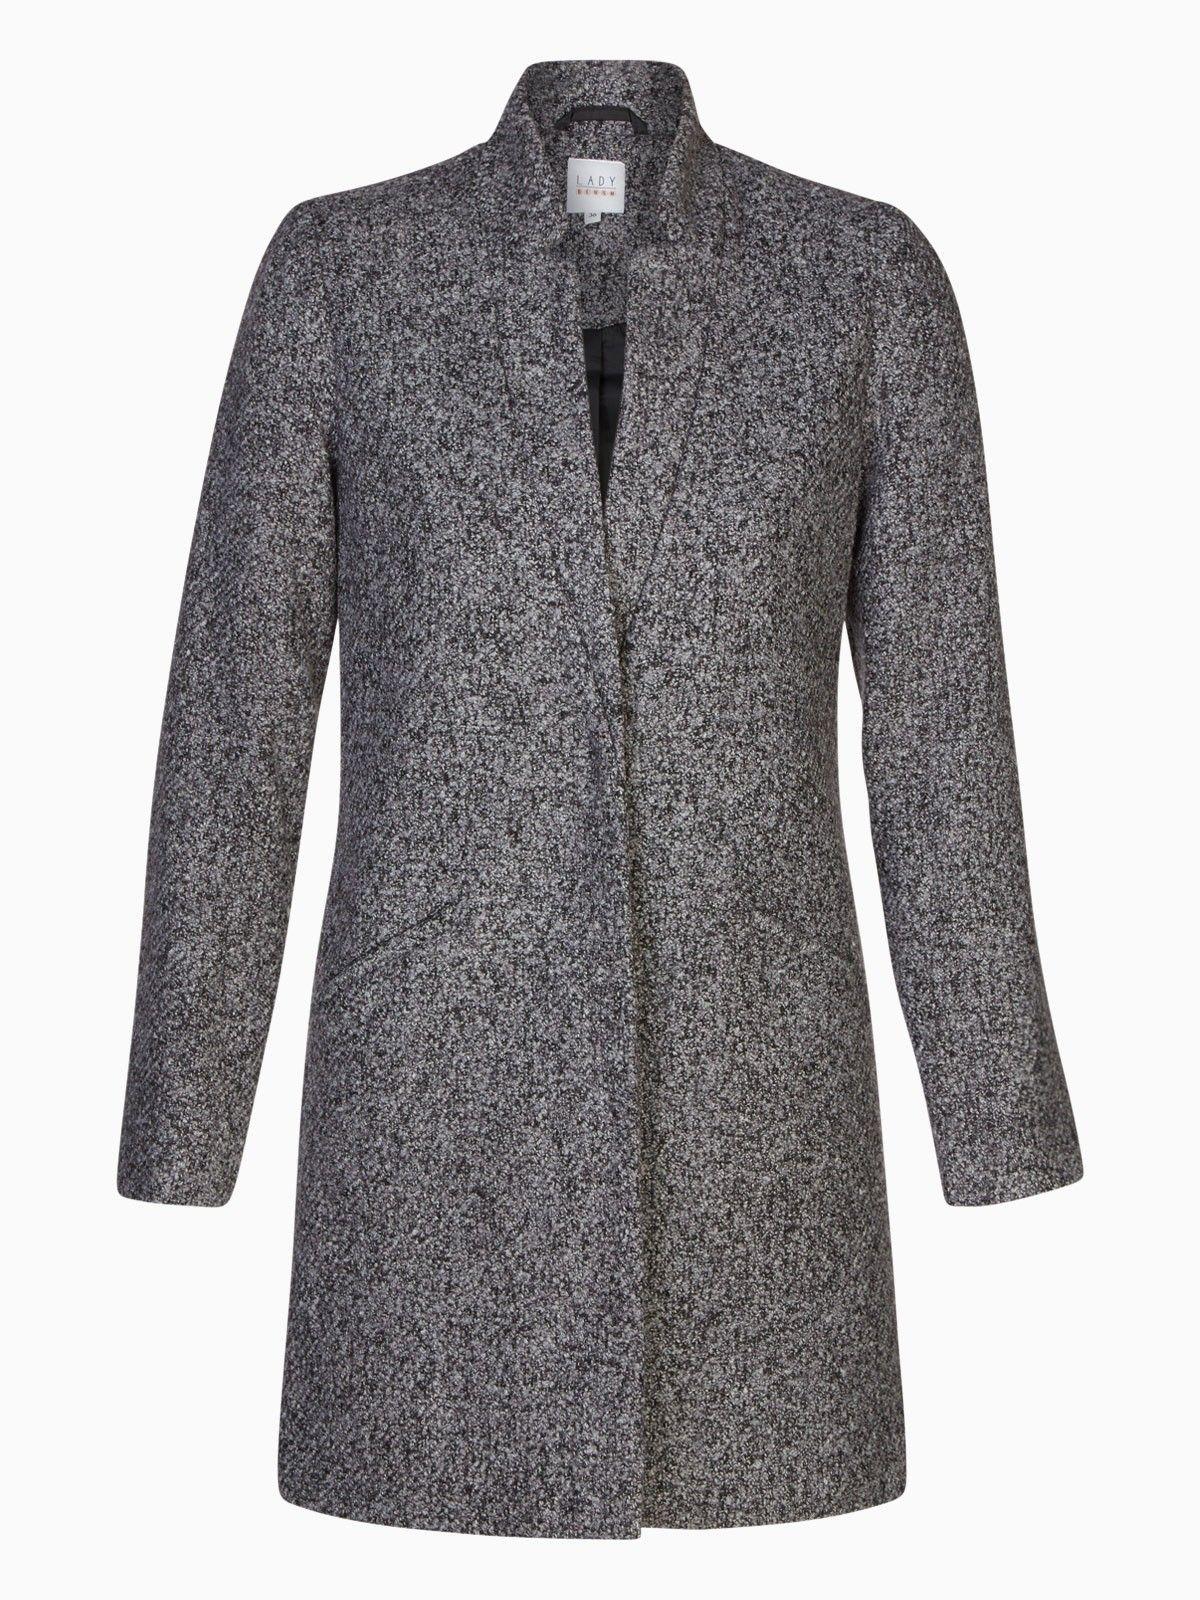 Veste manteau femme la halle